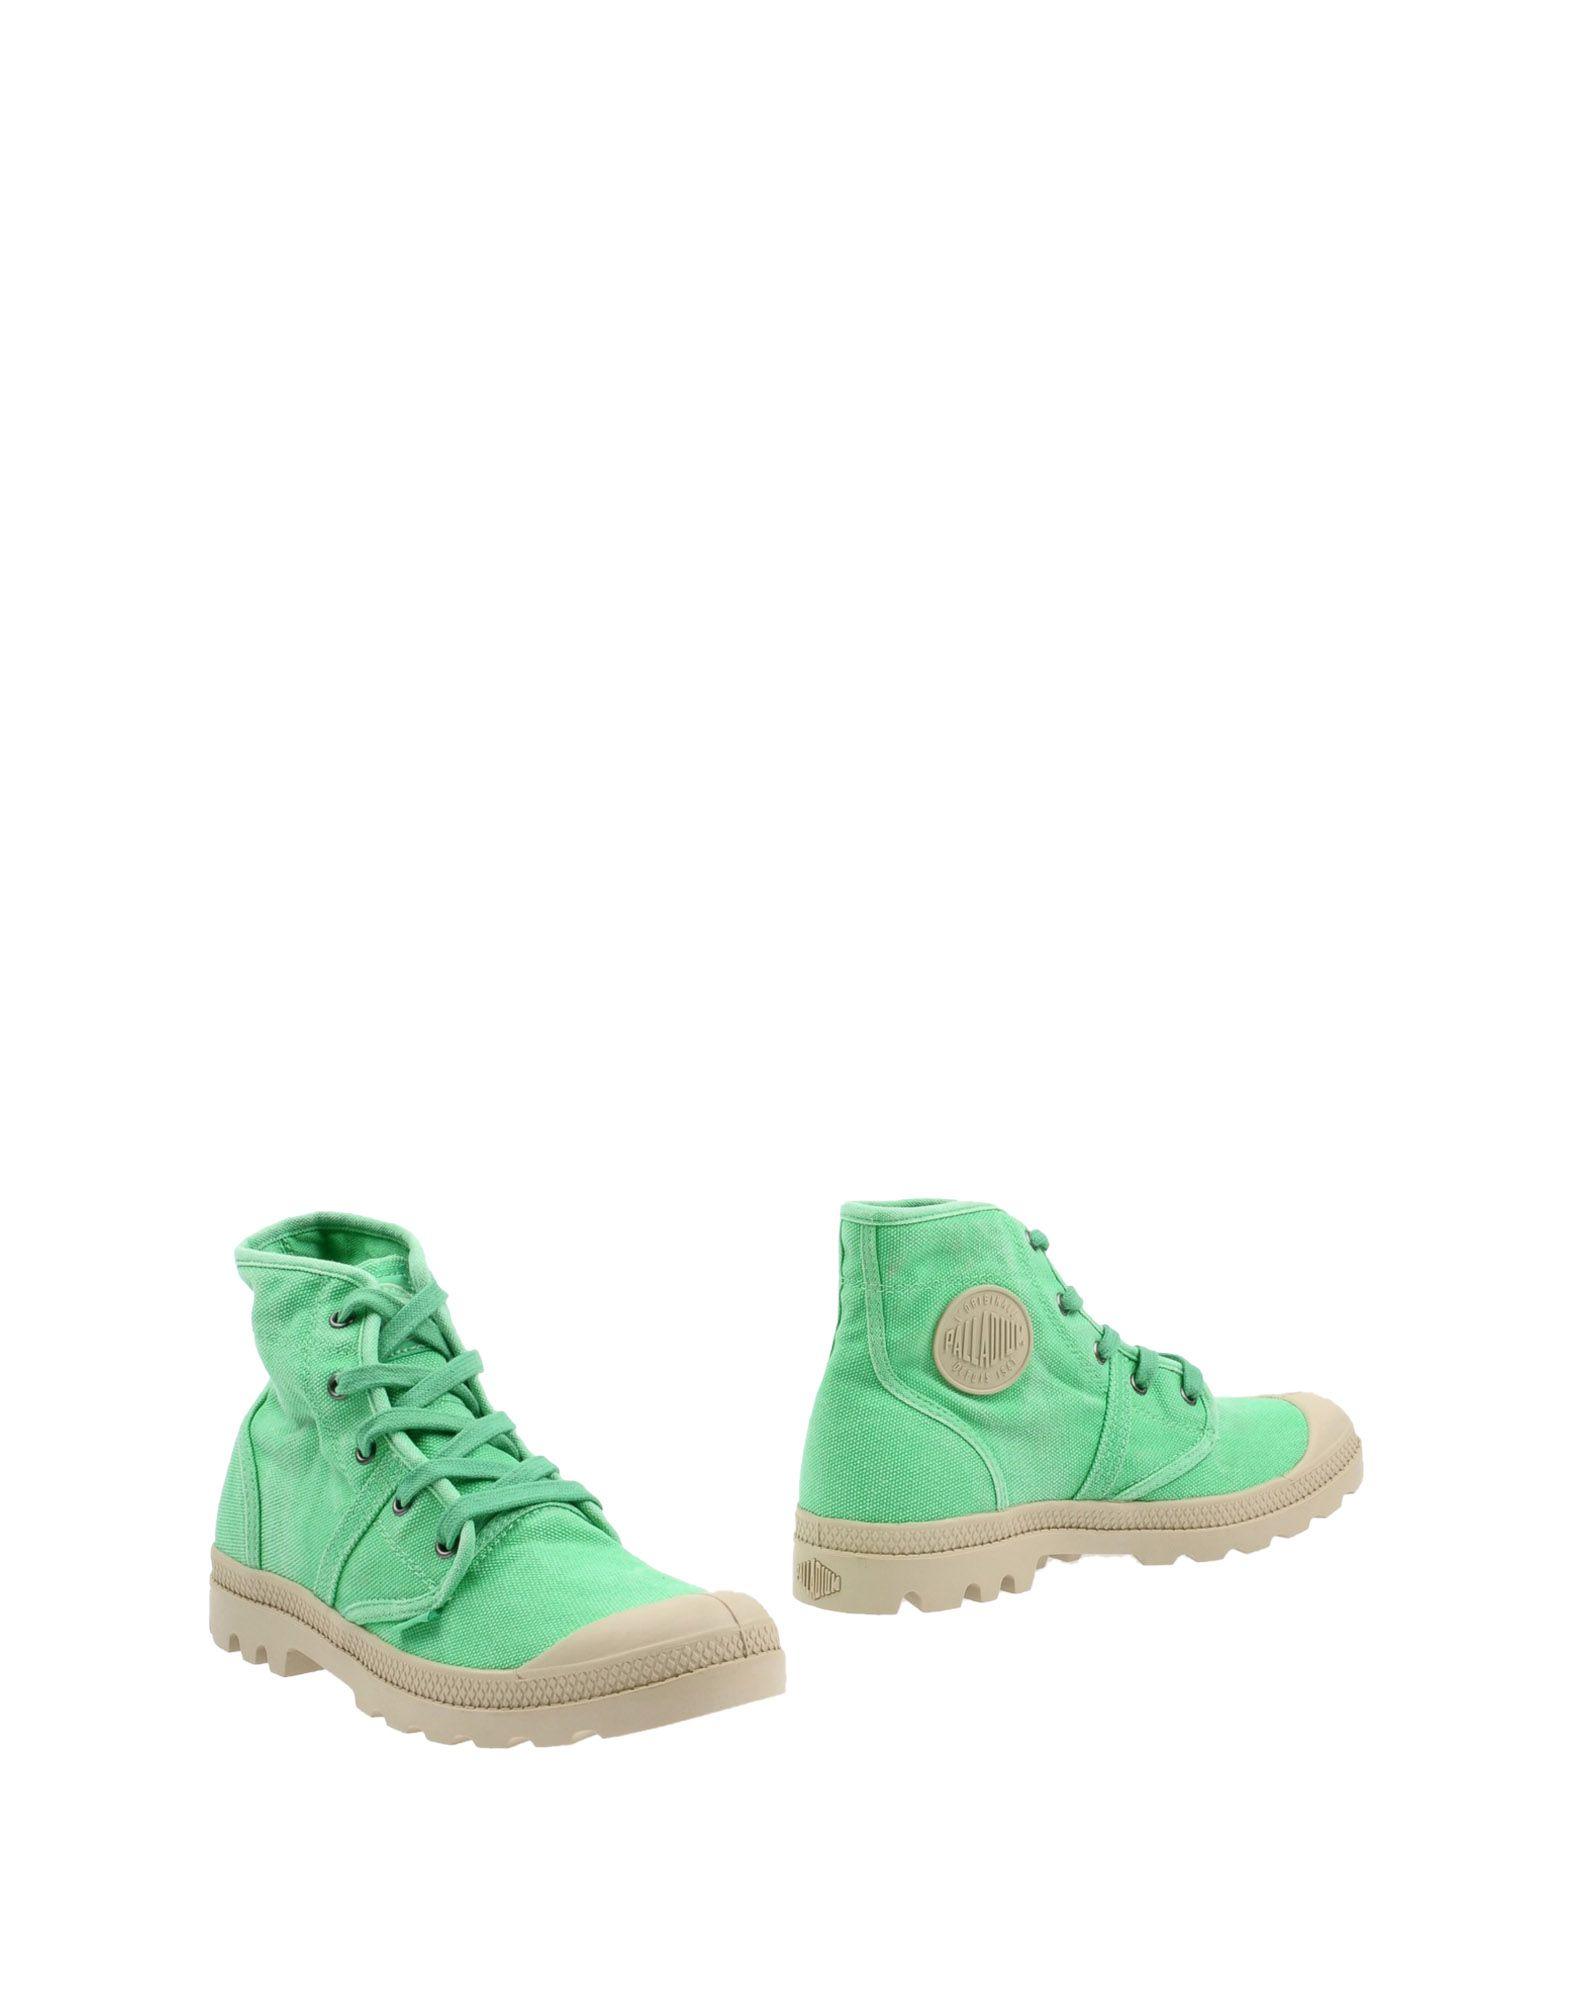 Palladium Stiefelette Damen  11312242IX Gute Qualität beliebte Schuhe